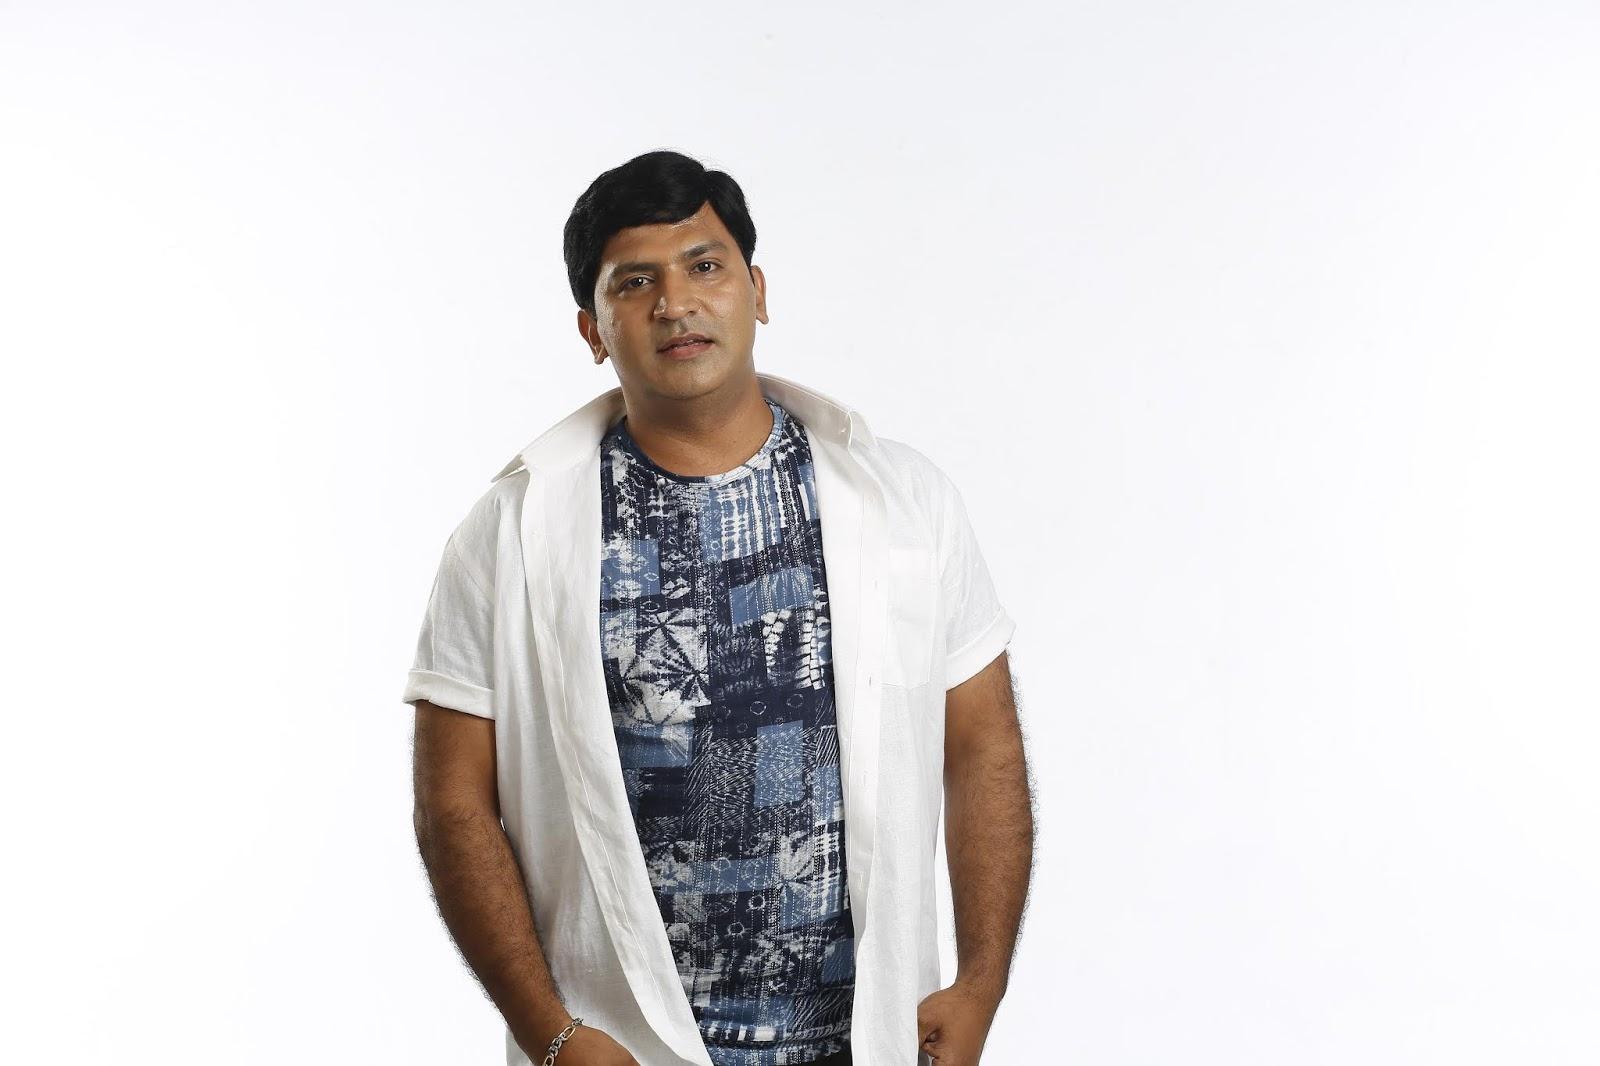 Vaibhav's Elder Brother Sunil Debuts as Baddie in Vijay Sethupathi's Seethakathi movie